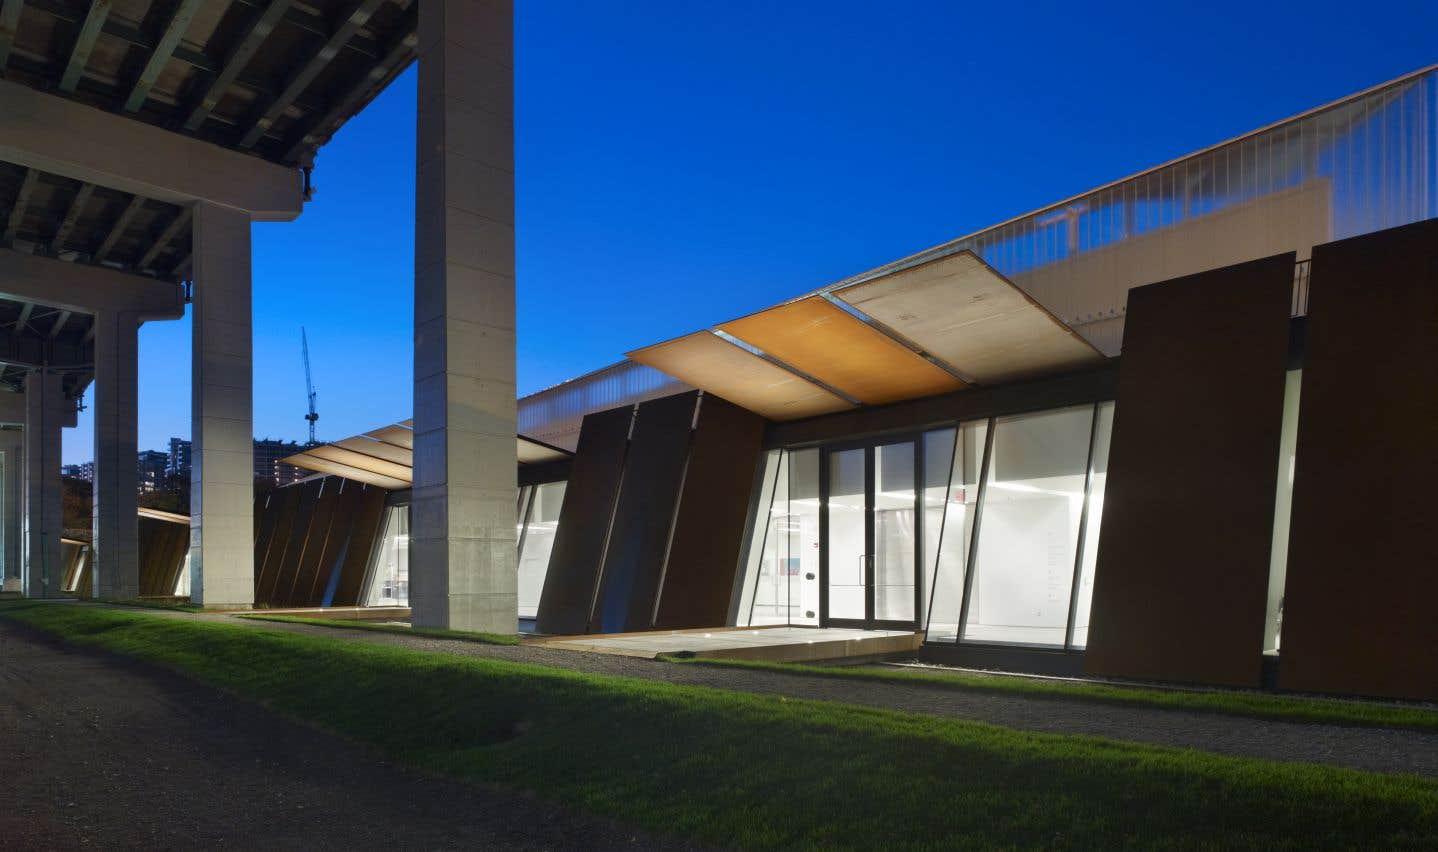 Le centre d'accueil des visiteurs du Fort York (Ontario), Patkau Architects et Kearns Mancini en consortium